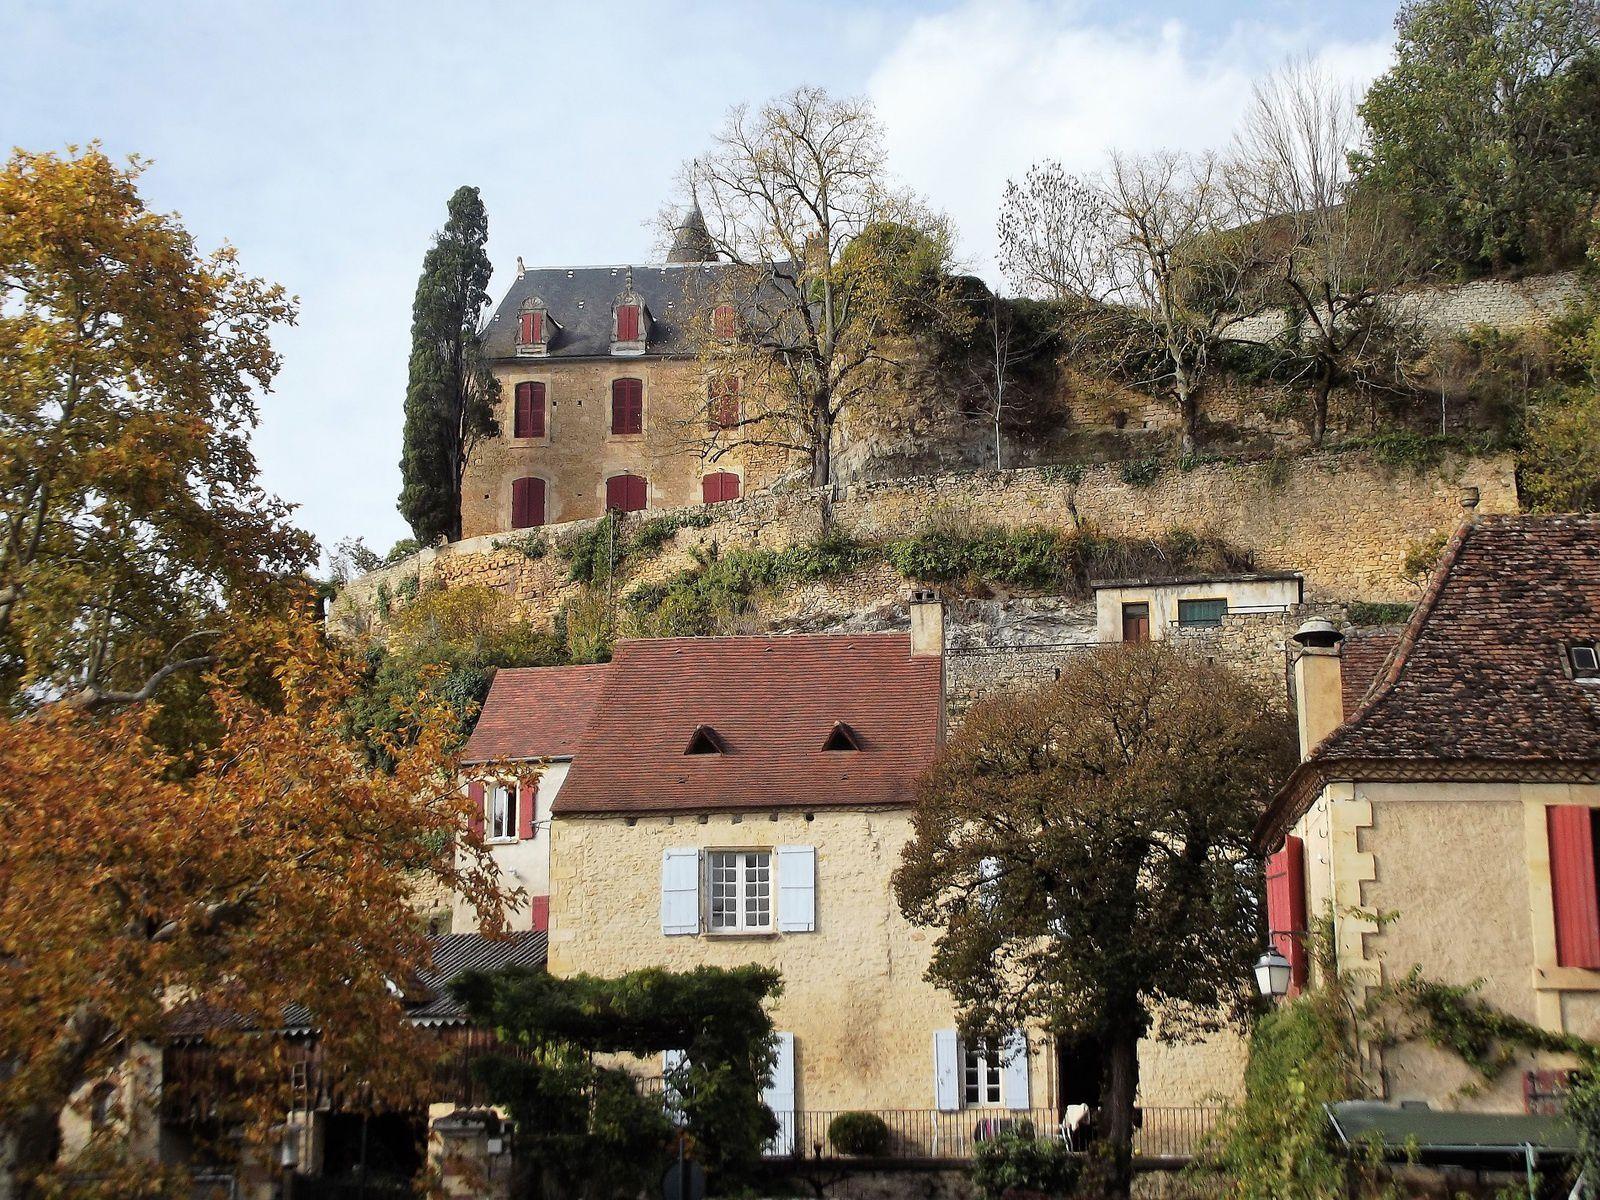 Département de la Dordogne: Village de Limeuil. (Photo prise par ma tante en 2015).